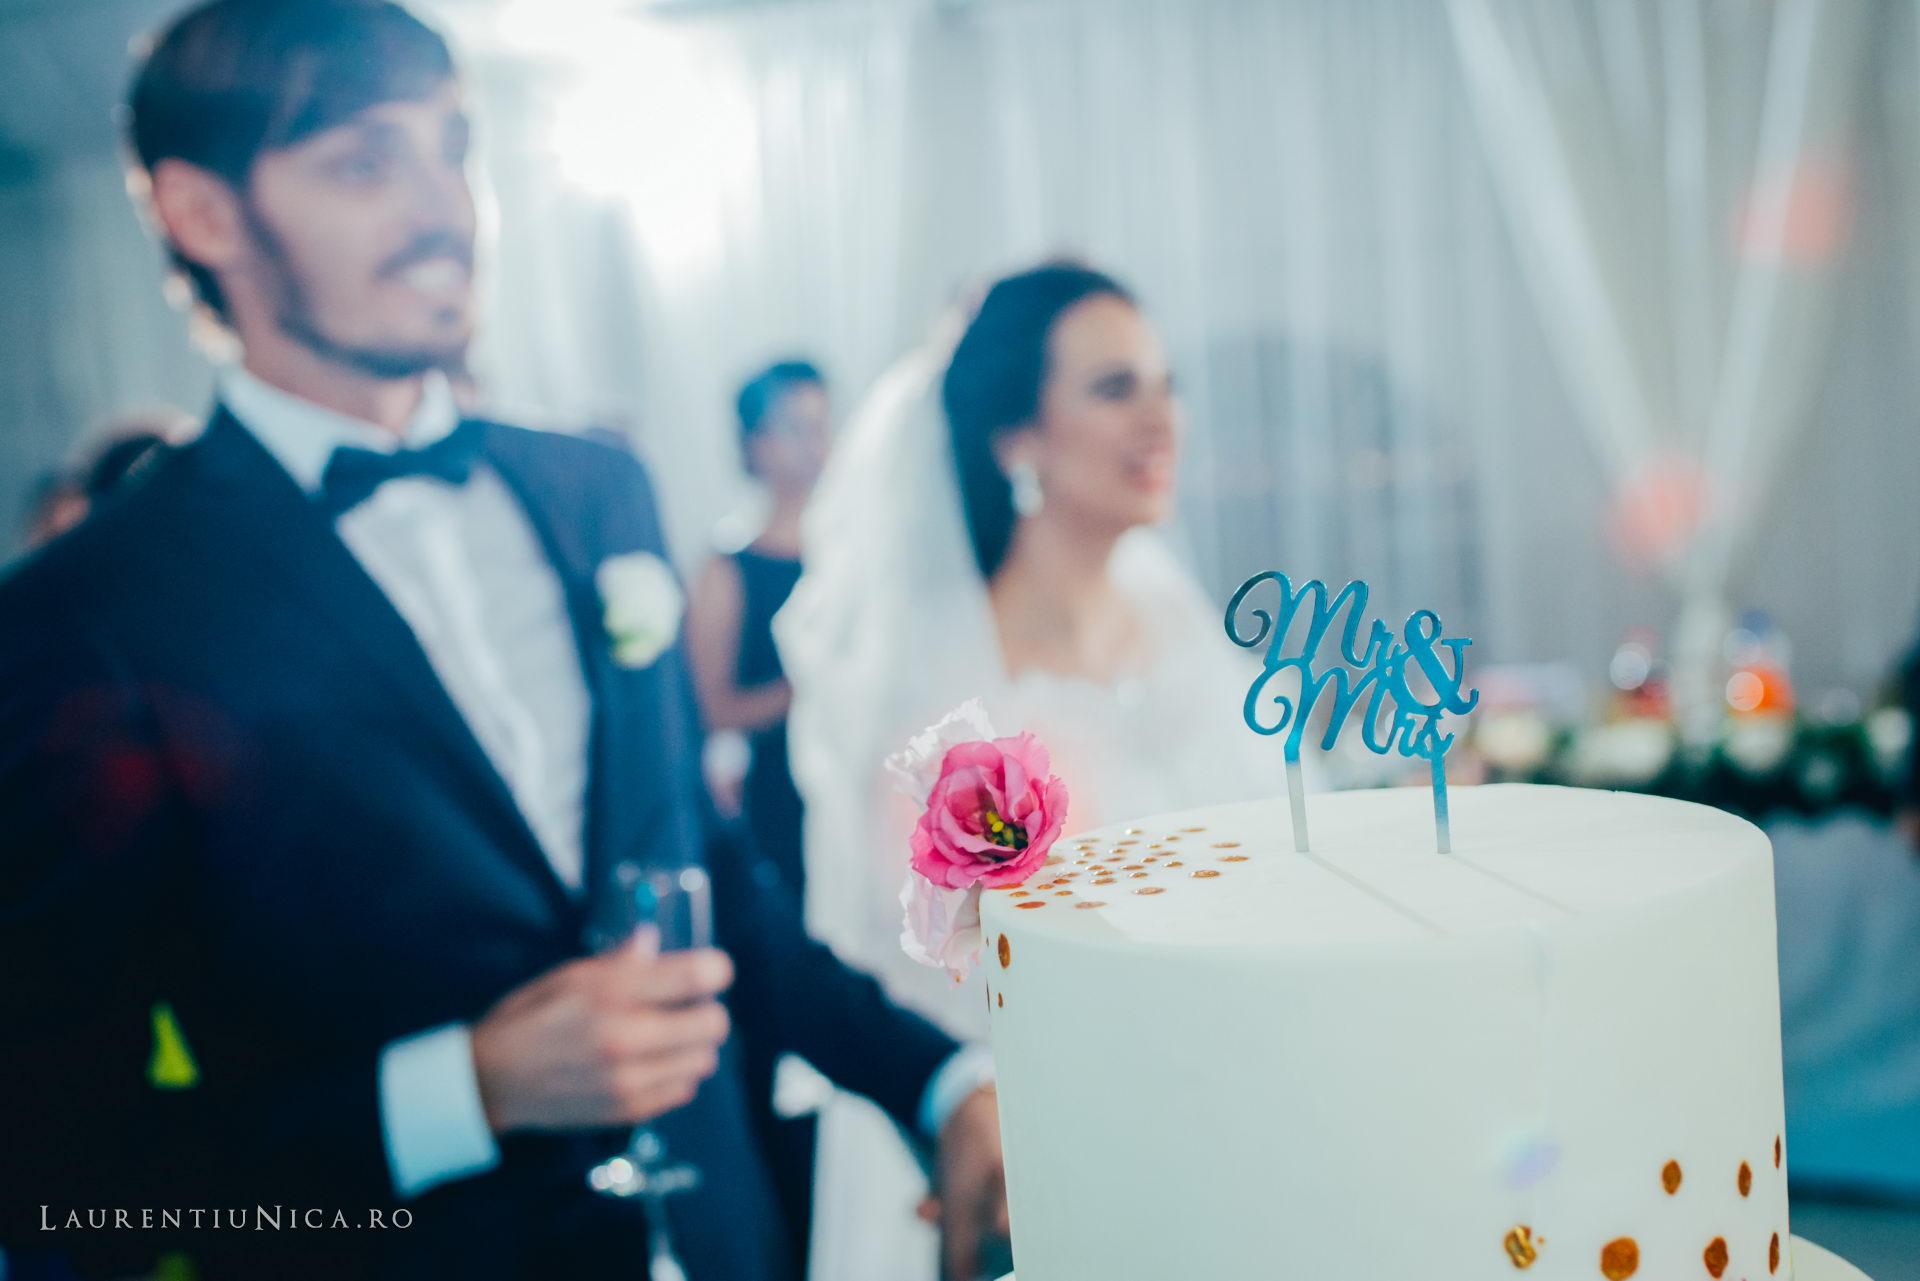 Cristina si Ovidiu nunta Craiova fotograf laurentiu nica 135 - Cristina & Ovidiu | Fotografii nunta | Craiova